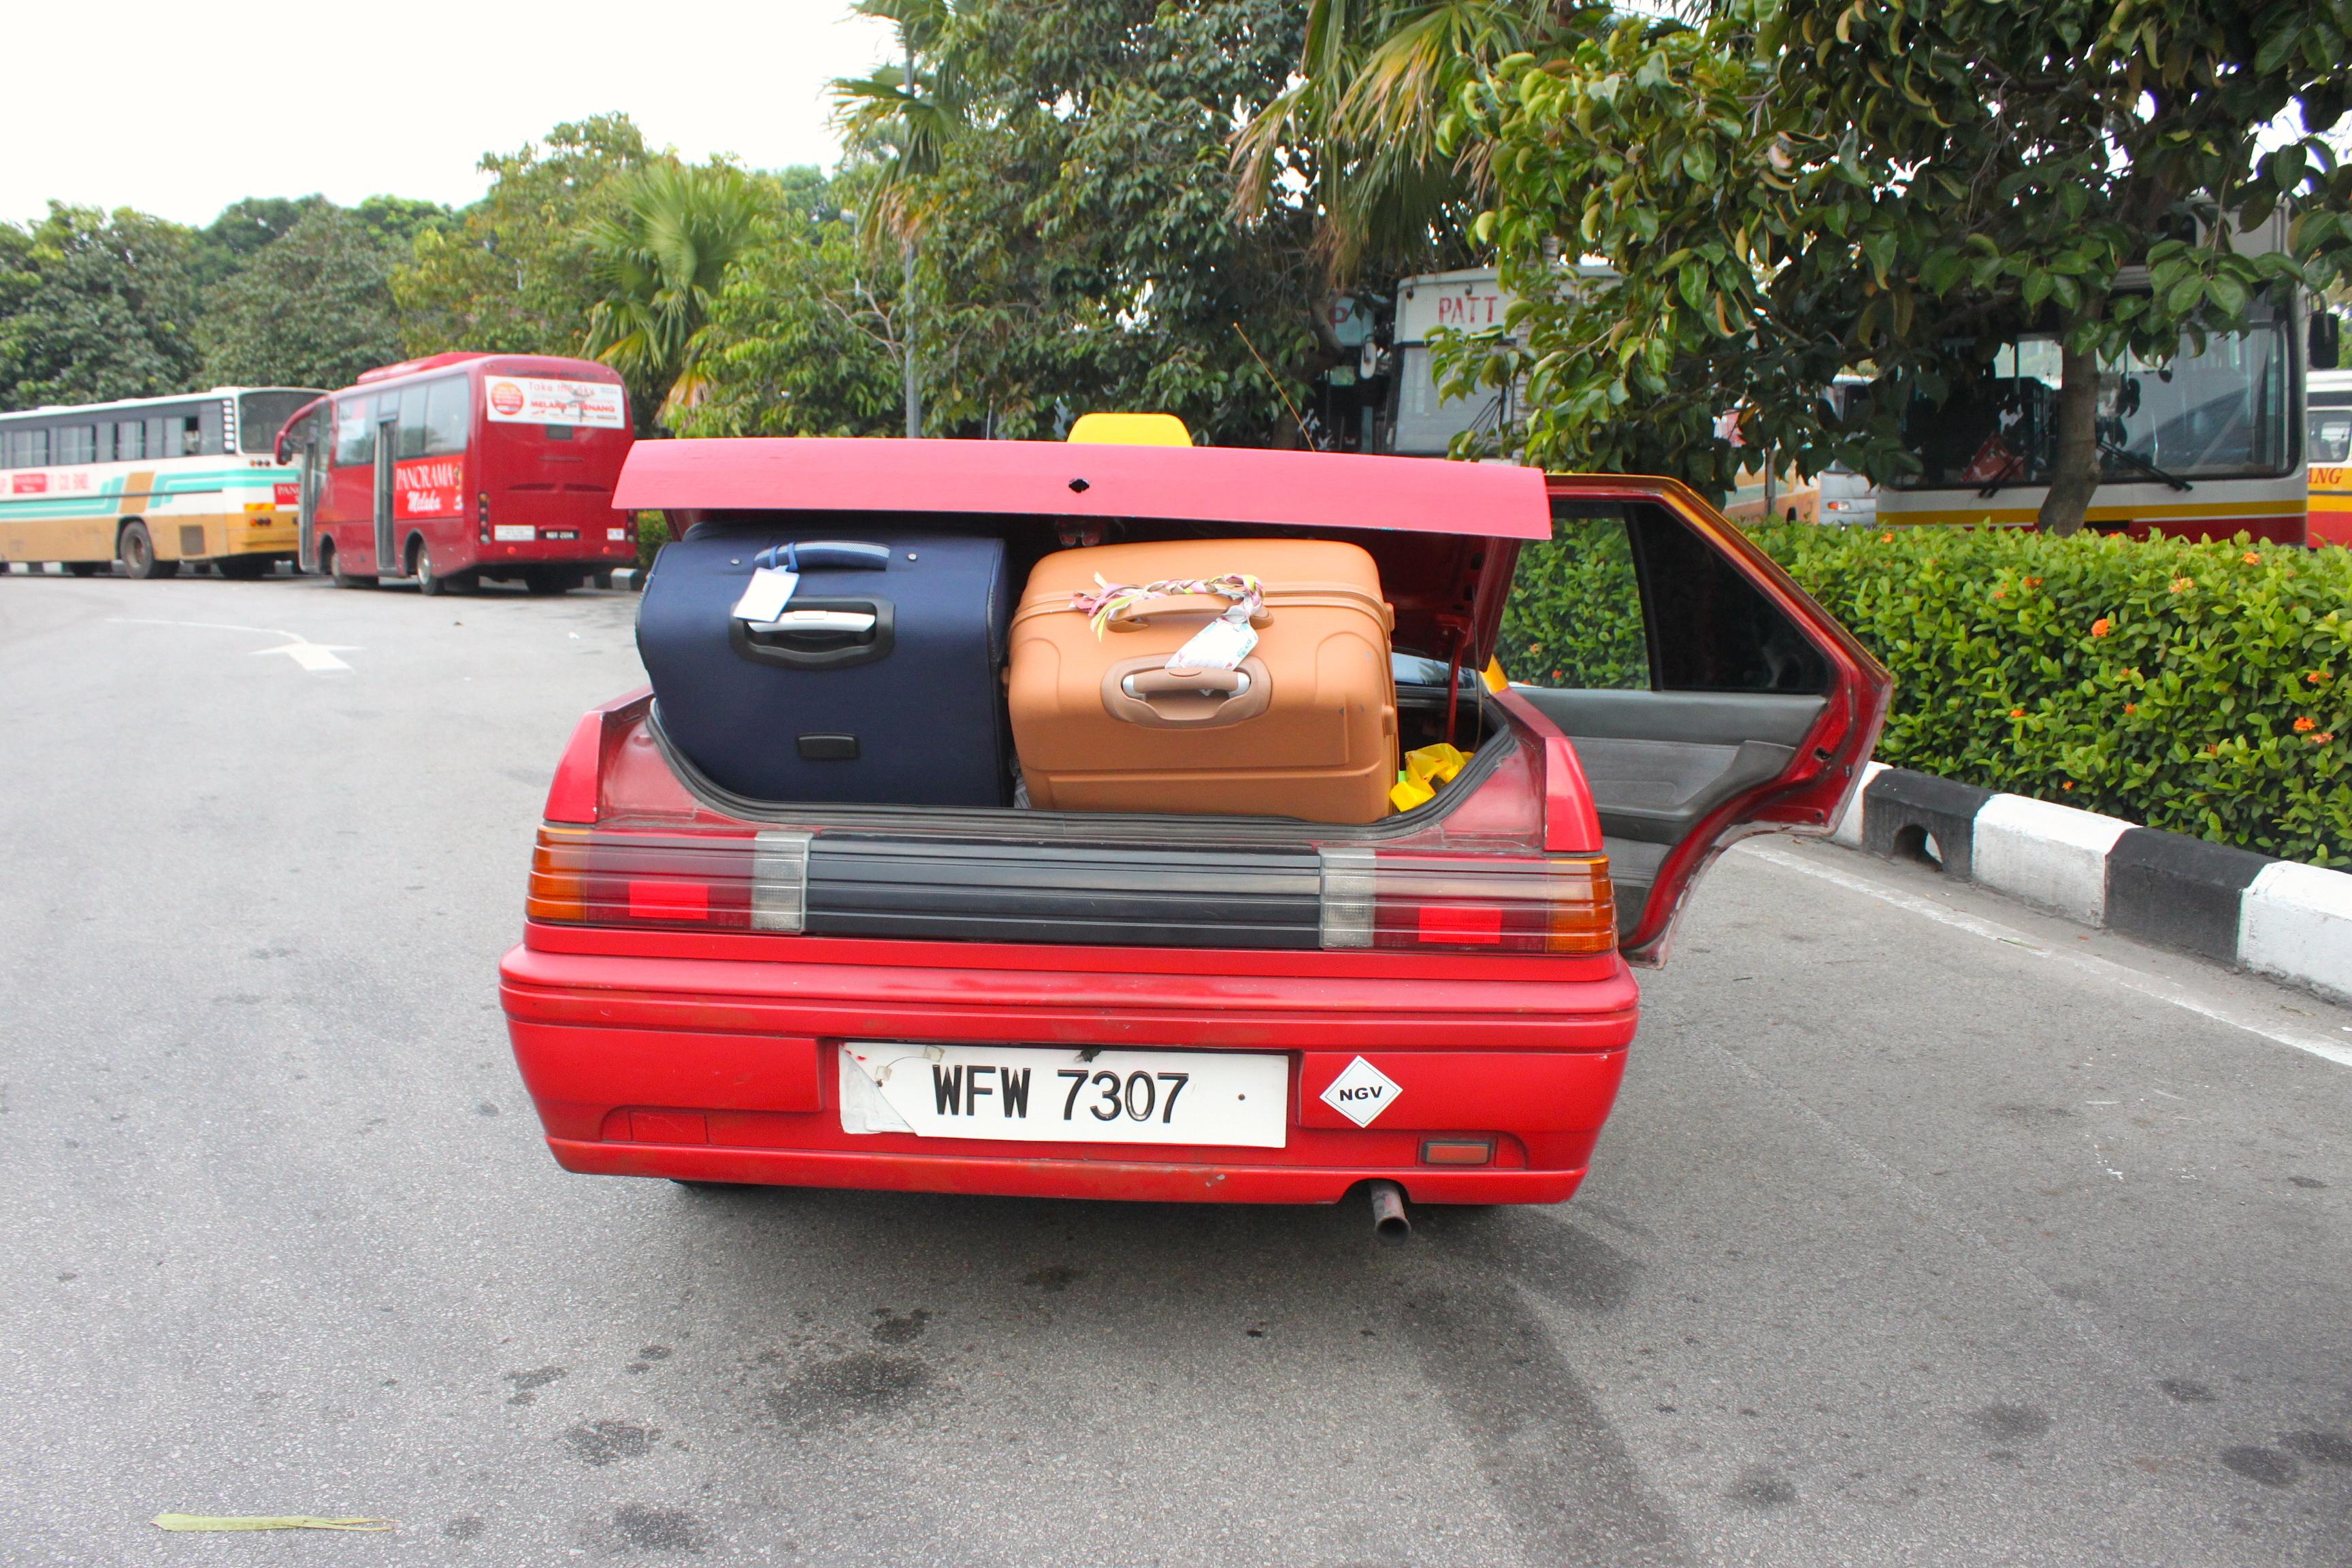 Quando nel bagagliaio del taxi le valigie non ci stanno, ci stanno